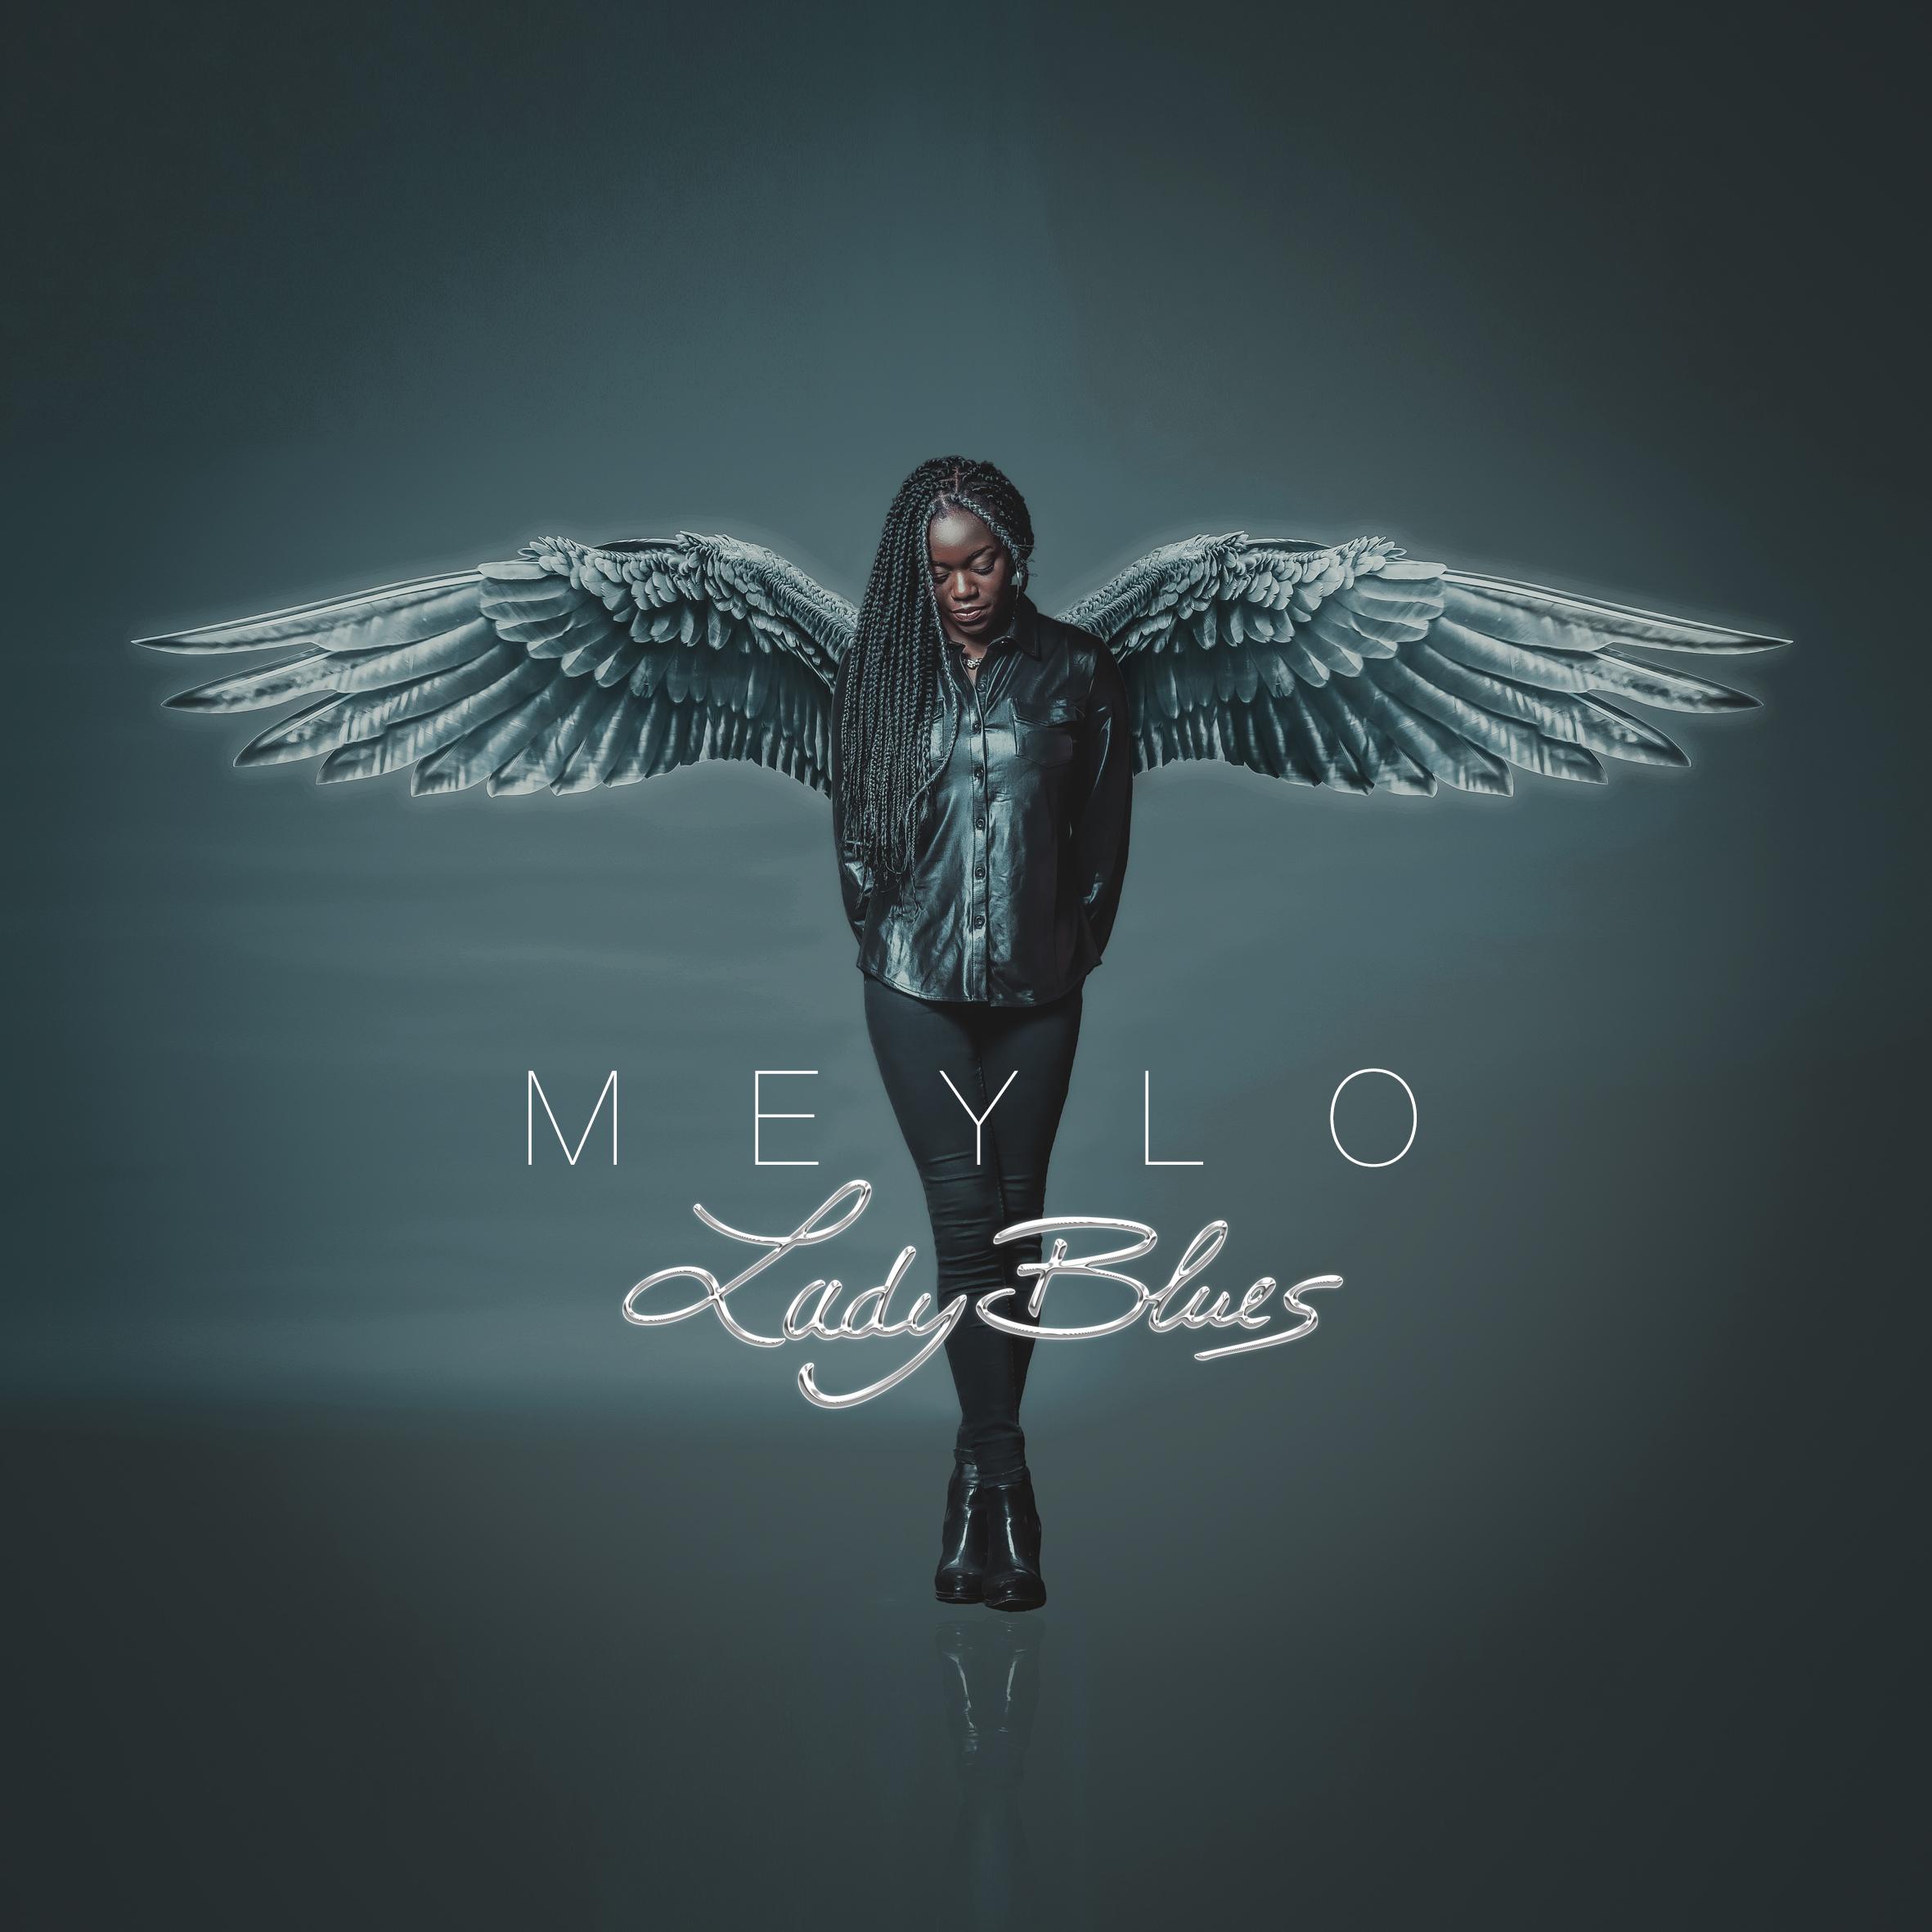 Meylo - Ladyblues - Mazik